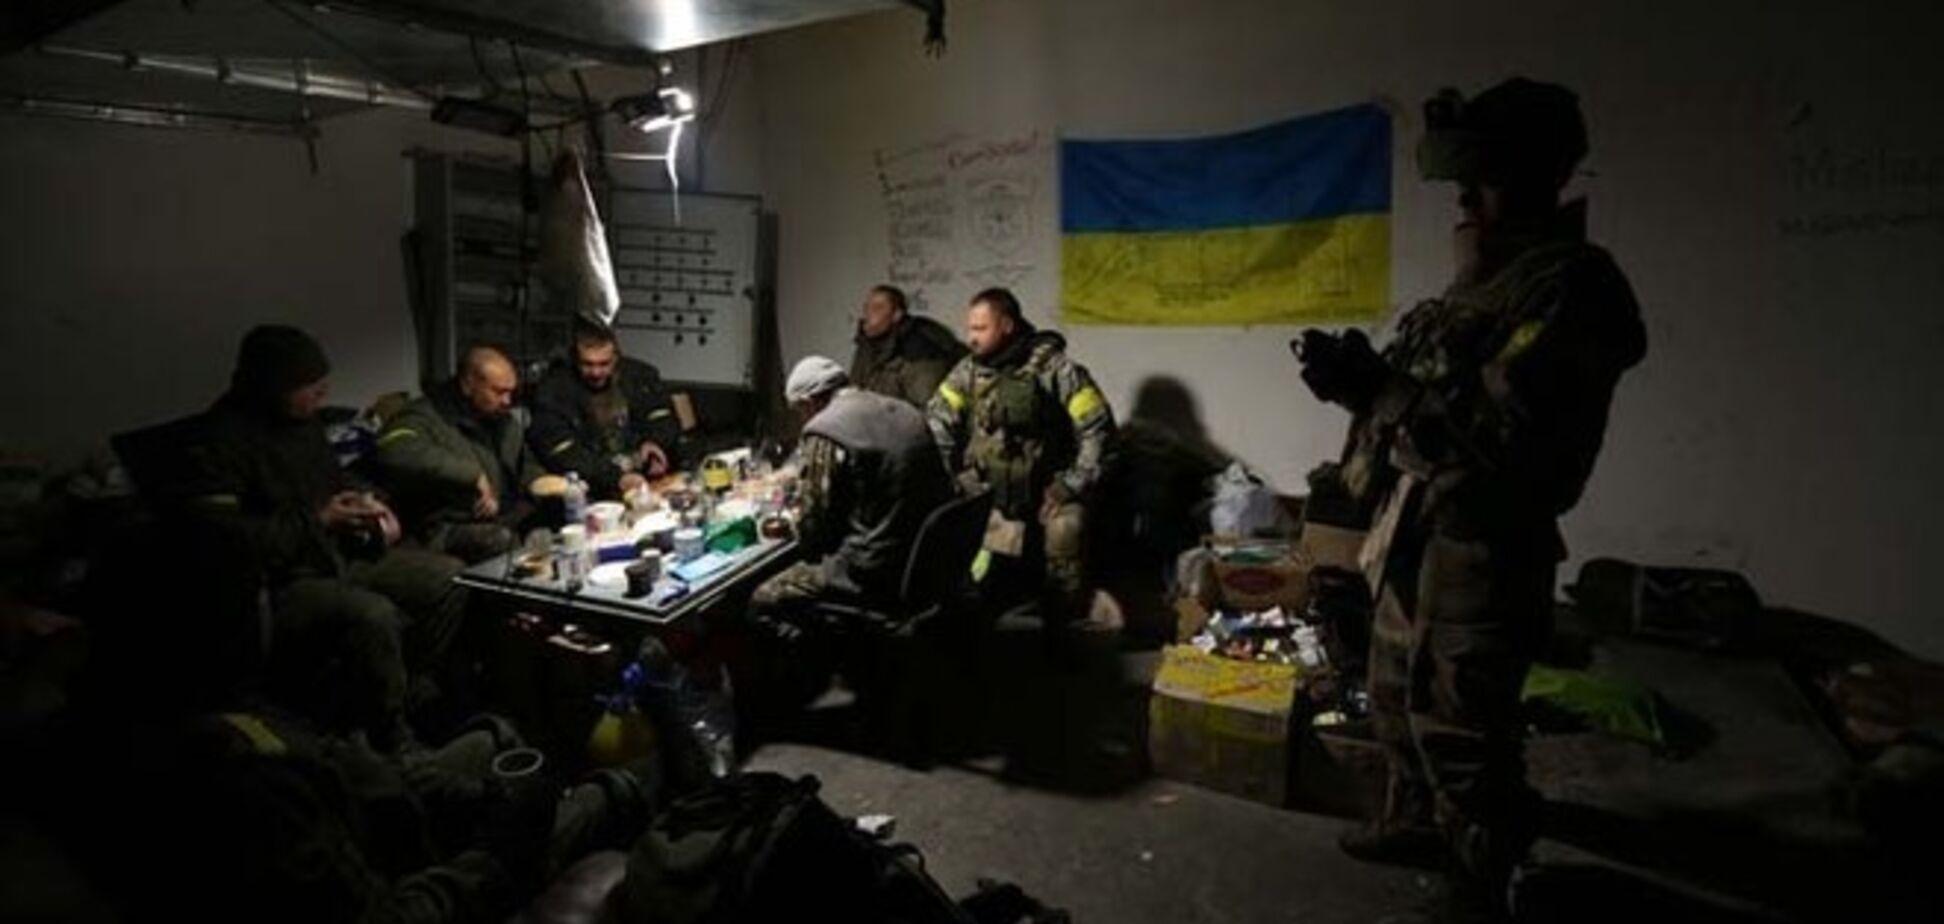 Донецкий аэропорт защищают не говорящие на украинском языке этнические русские 'киборги' - очевидцы